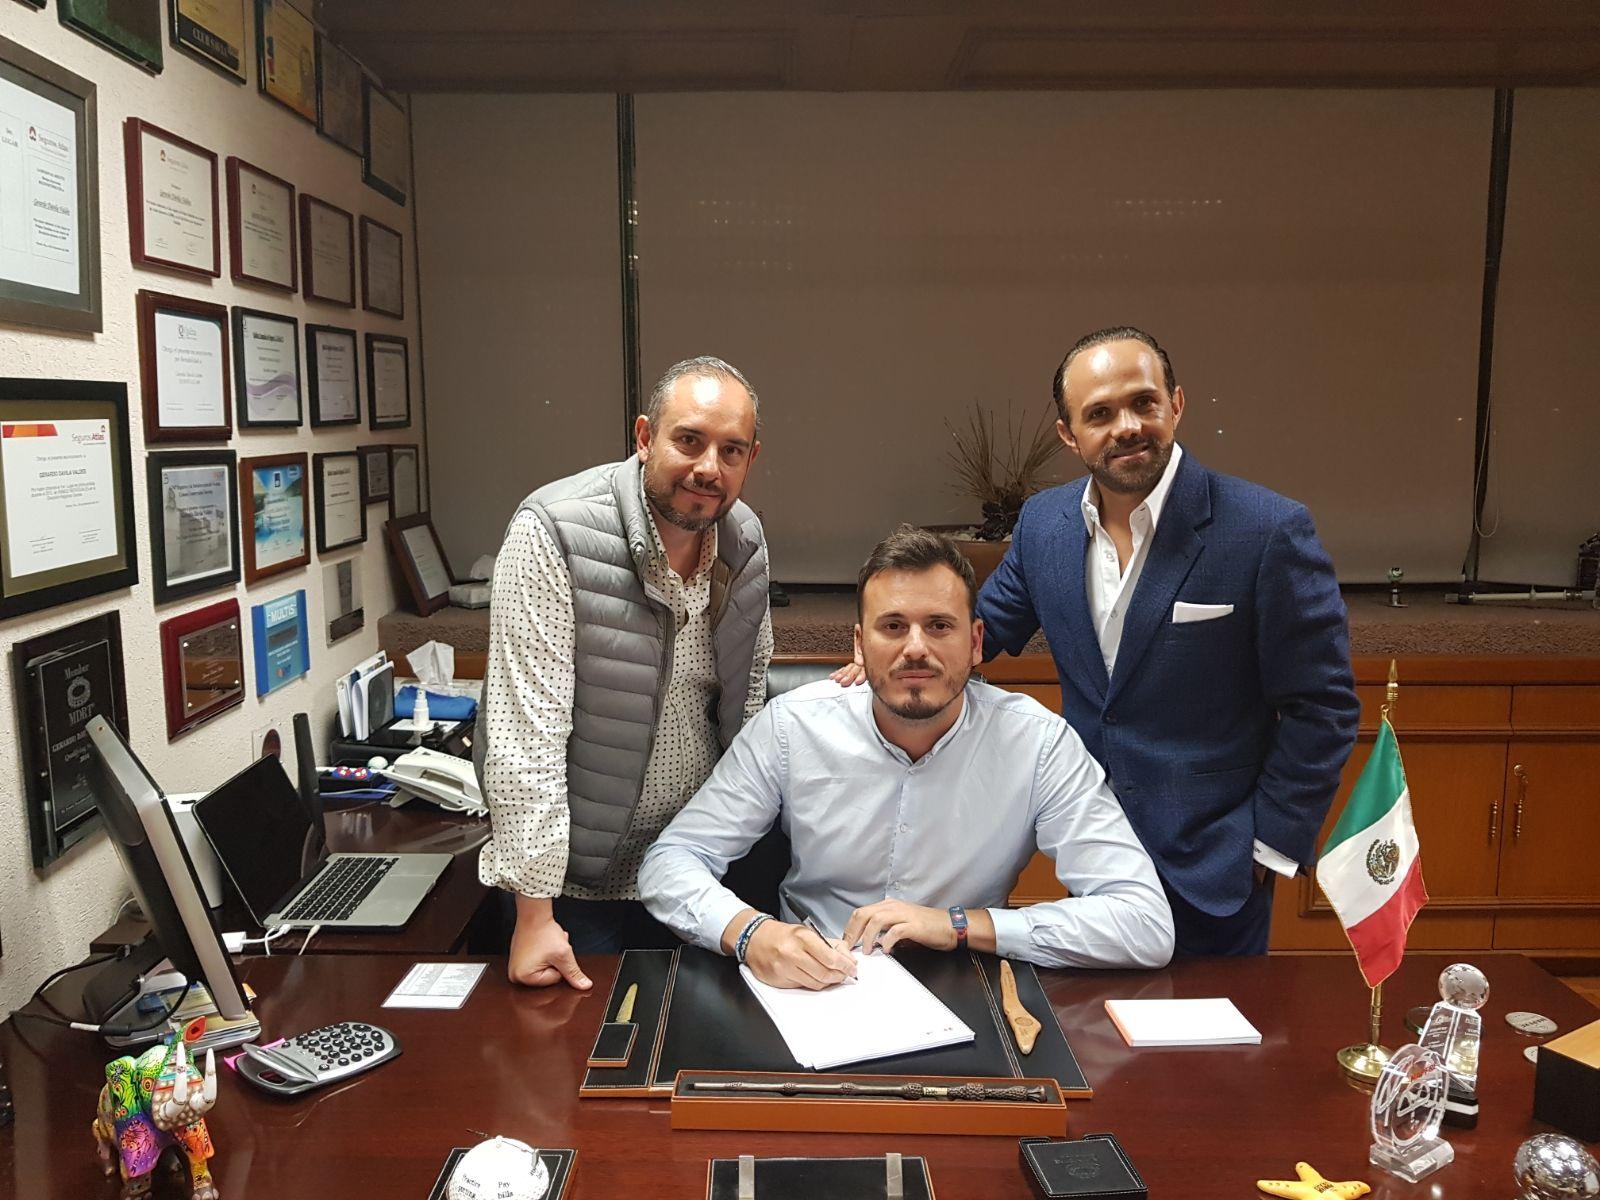 El representante de Medusa Sunbeach, Andreu Piqueras (centro), la semana pasada durante la firma del acuerdo en Puebla junto a Helios Dj y Jerry Dávila, deejays y promotores mexicanos.